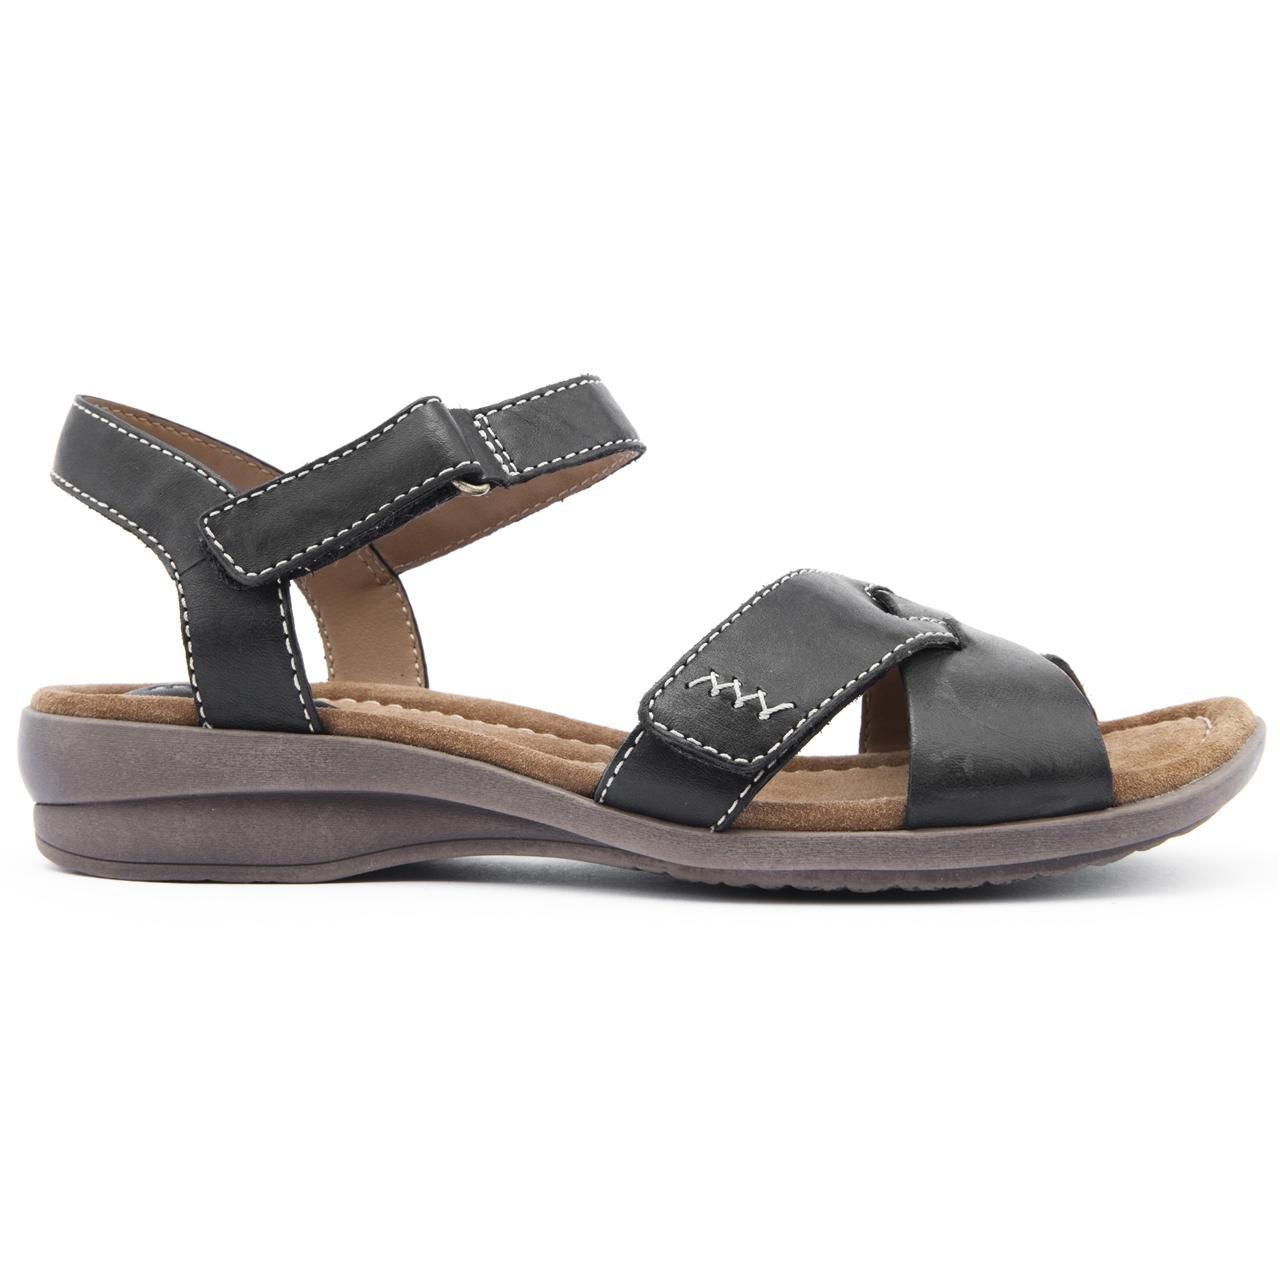 74958e93d71f Clarks Ladies Reid Laguna Black Flat Sandals Size 8  Amazon.co.uk  Shoes    Bags